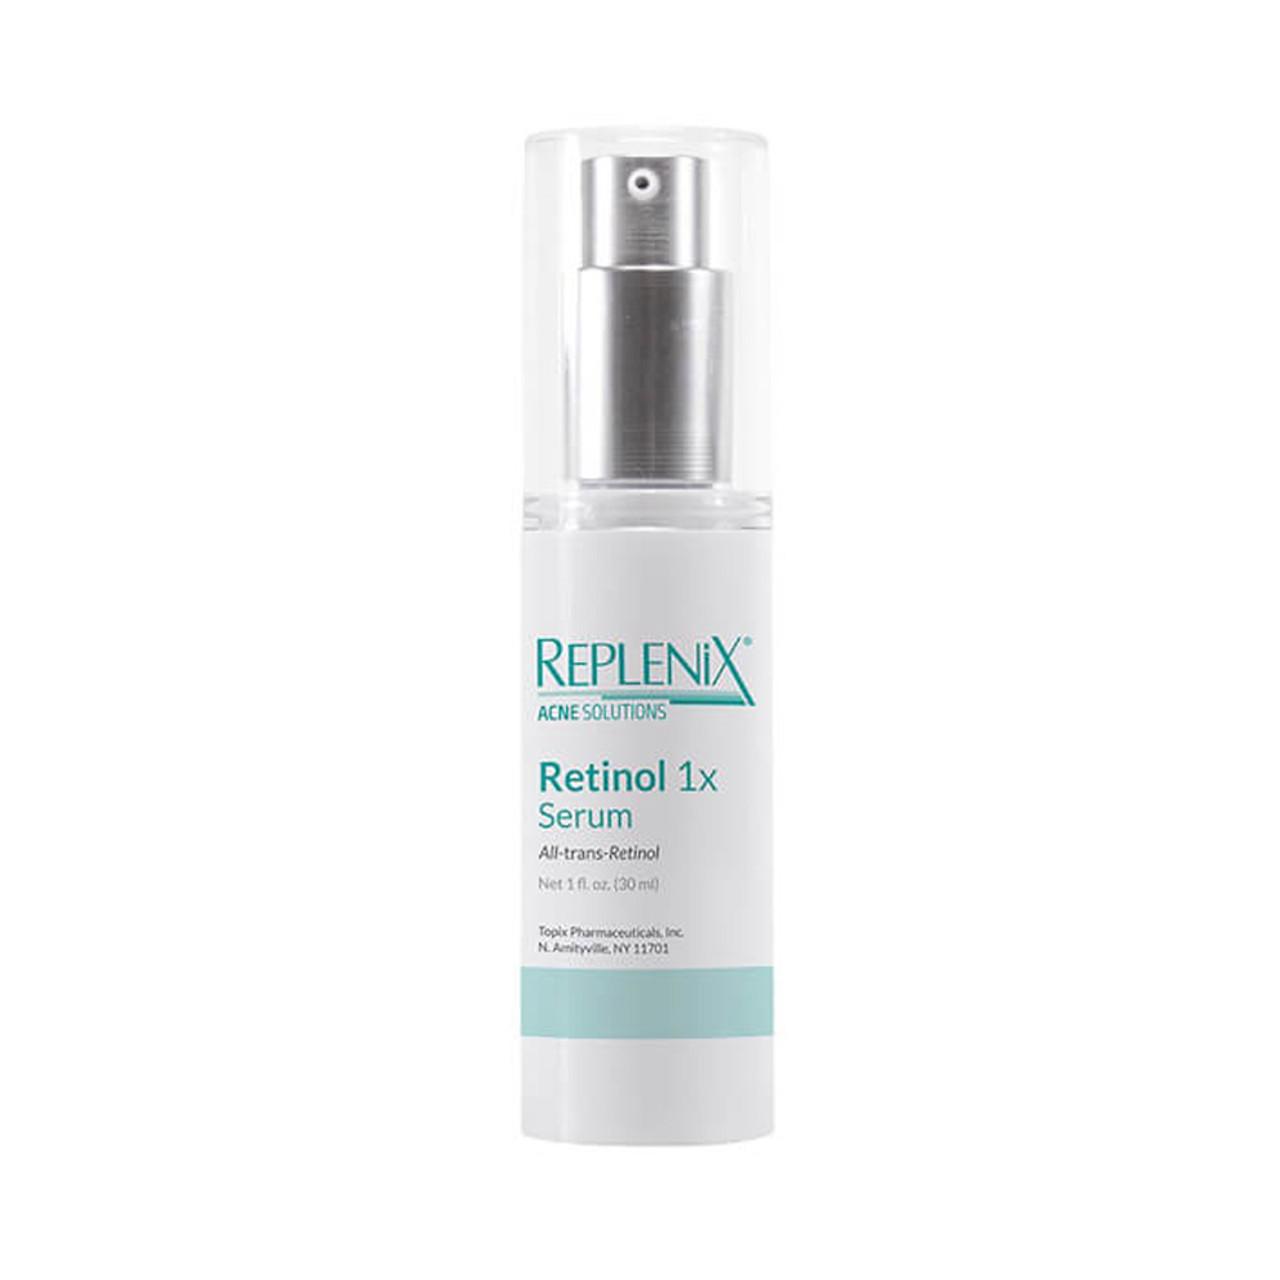 Replenix Acne Solutions Retinol Forte Treatment Serum 1X BeautifiedYou.com